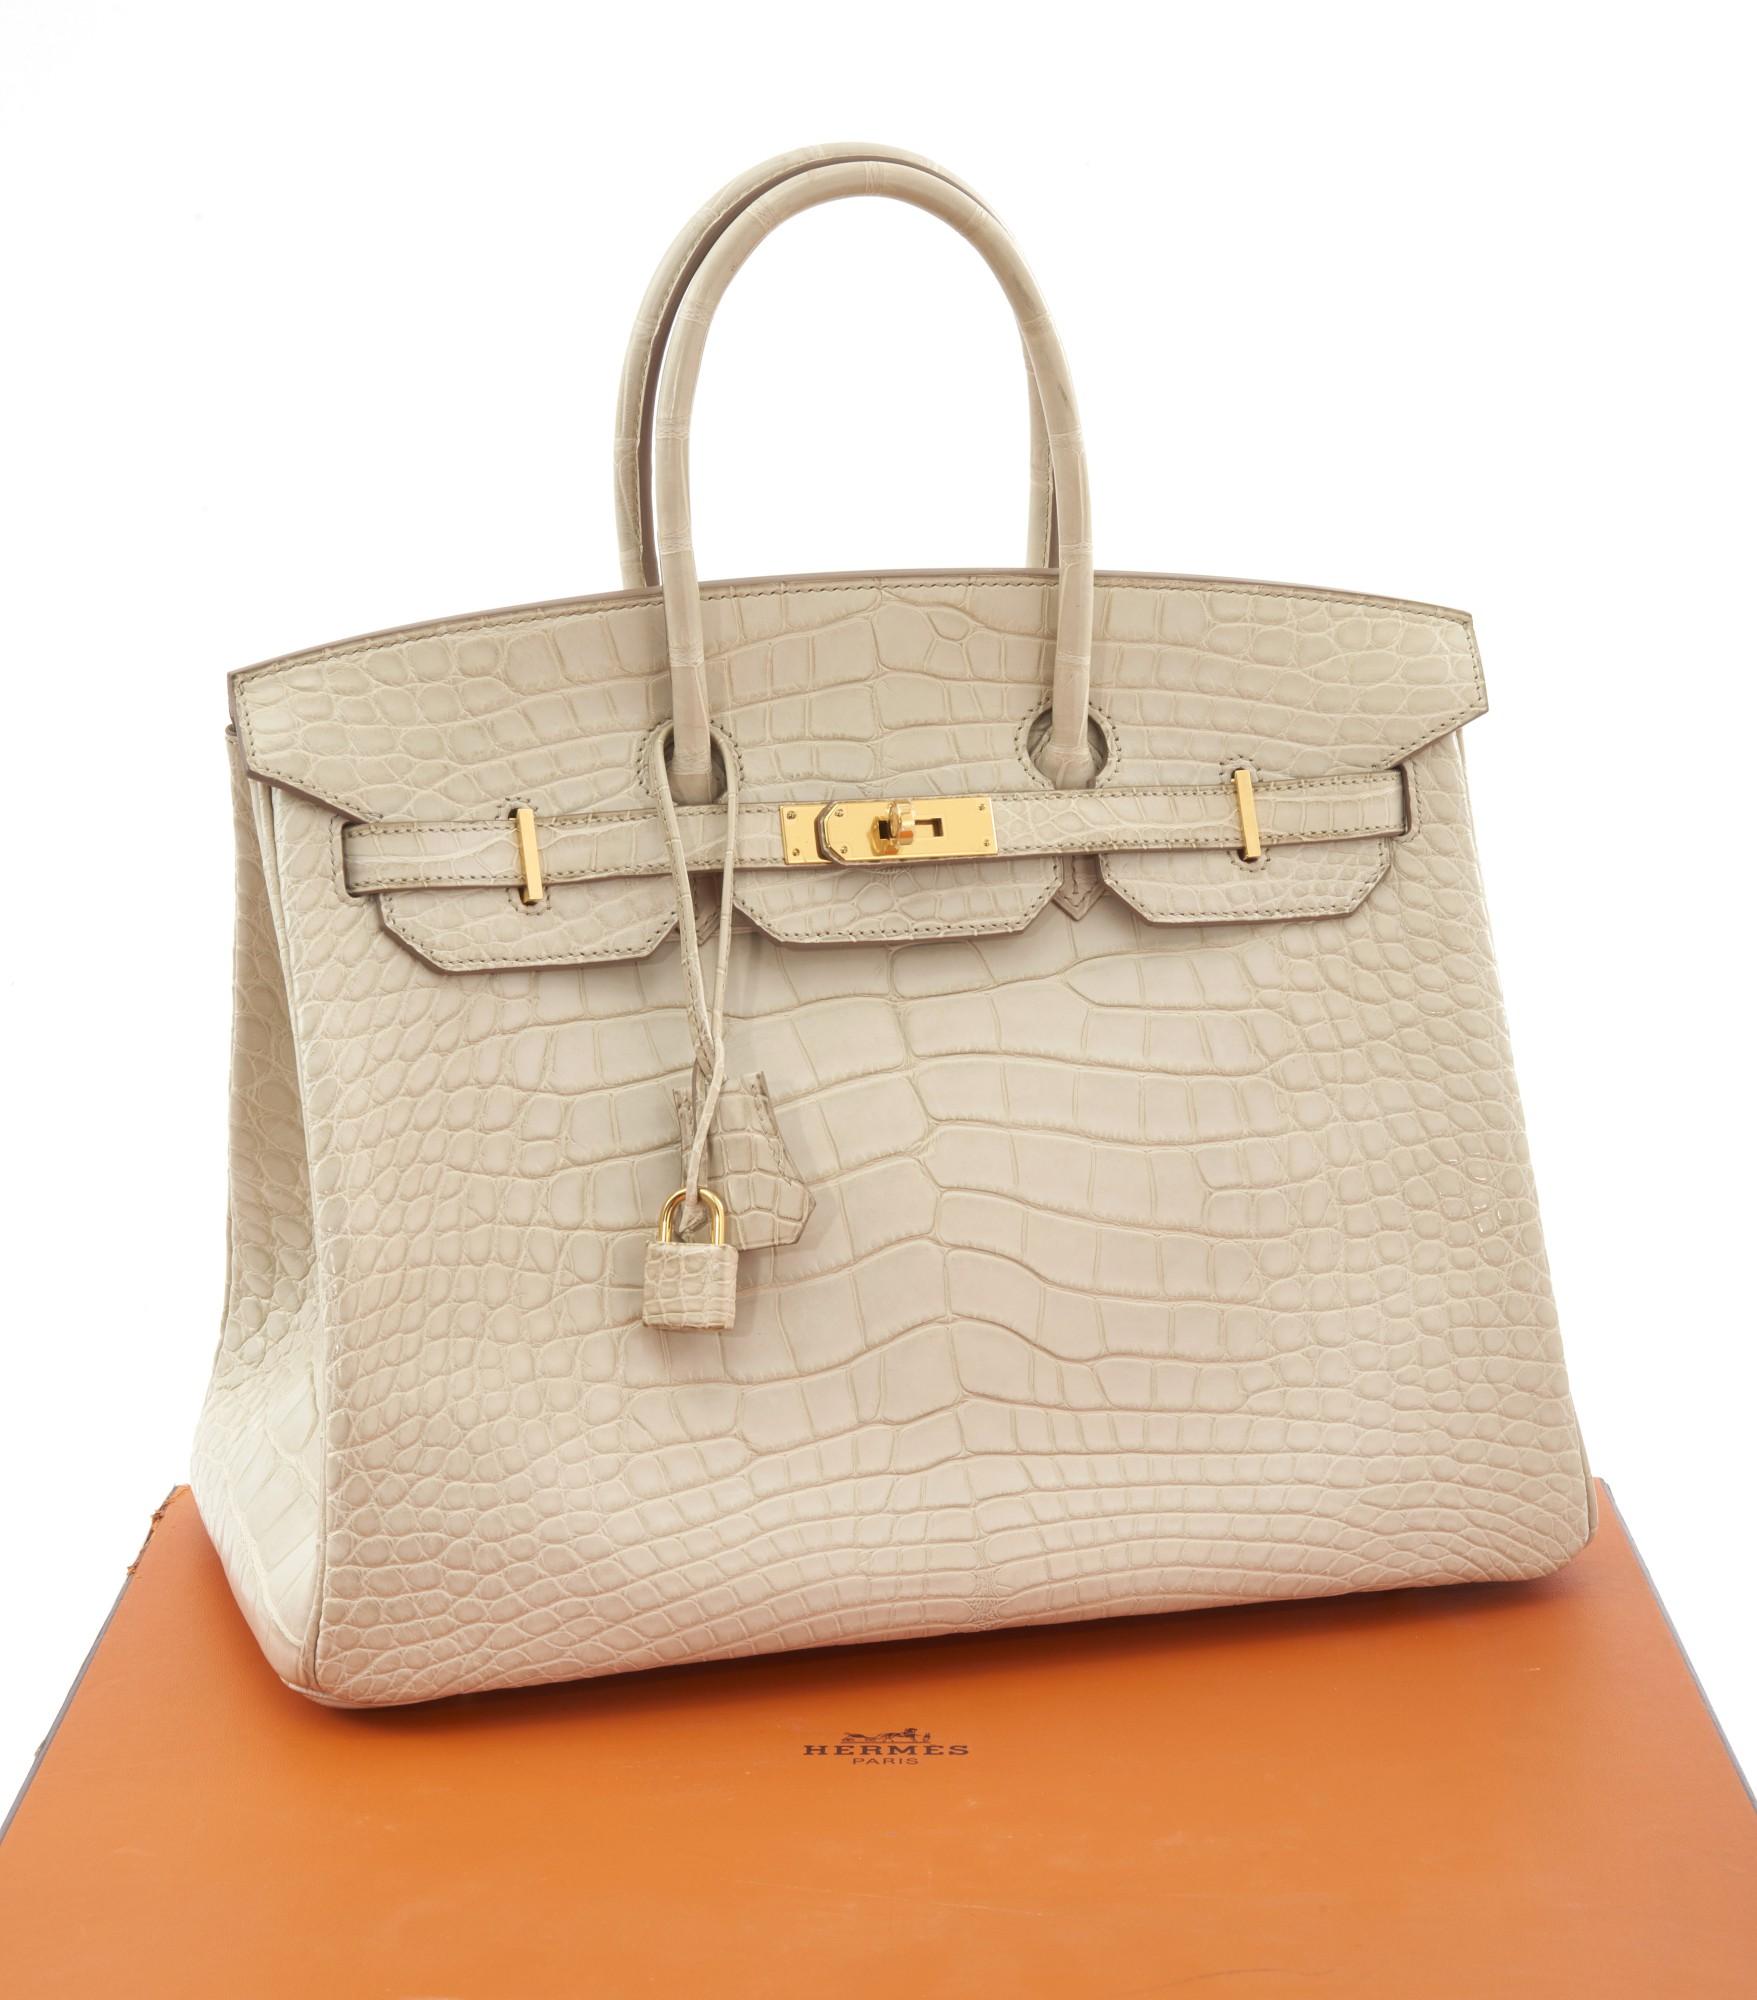 shape of birkin bag